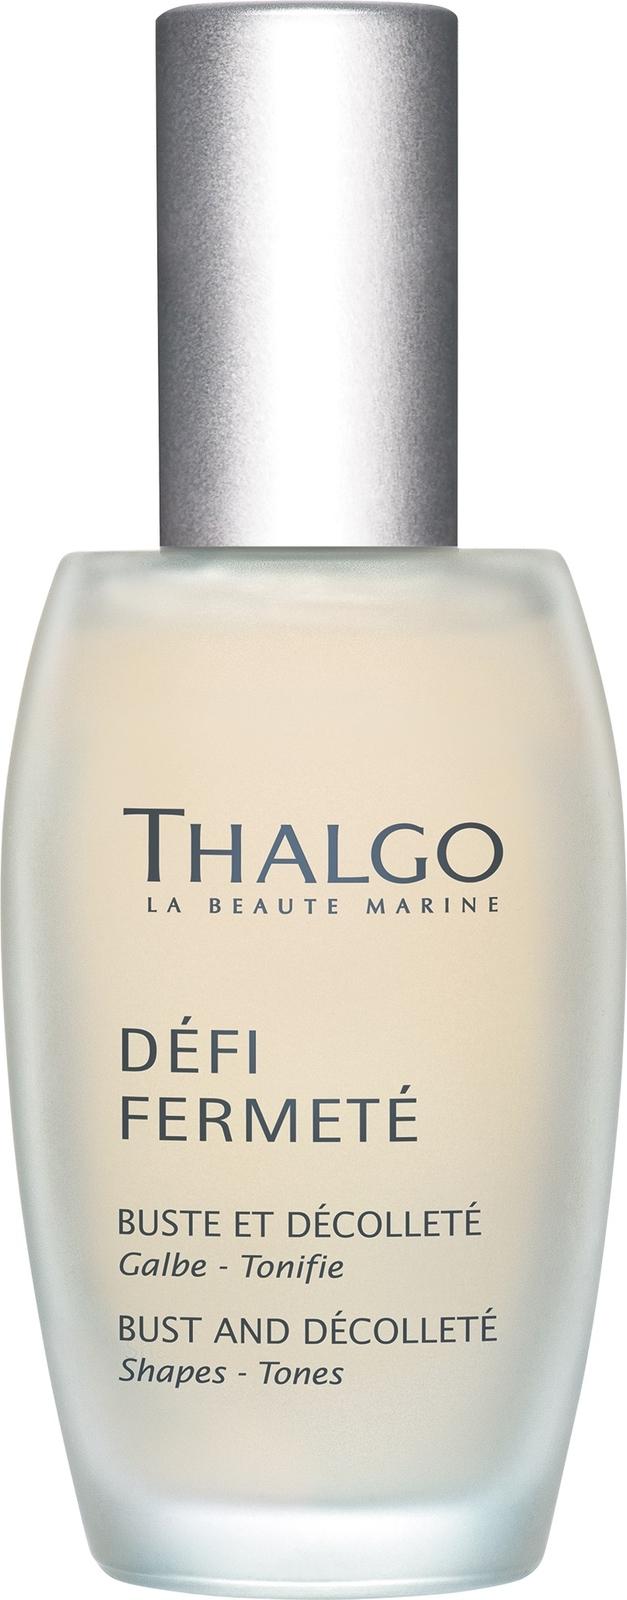 Сыворотка для бюста Thalgo Bust and Decollete, 50 мл janssen лифтинг сыворотка для бюста perfect bust formula